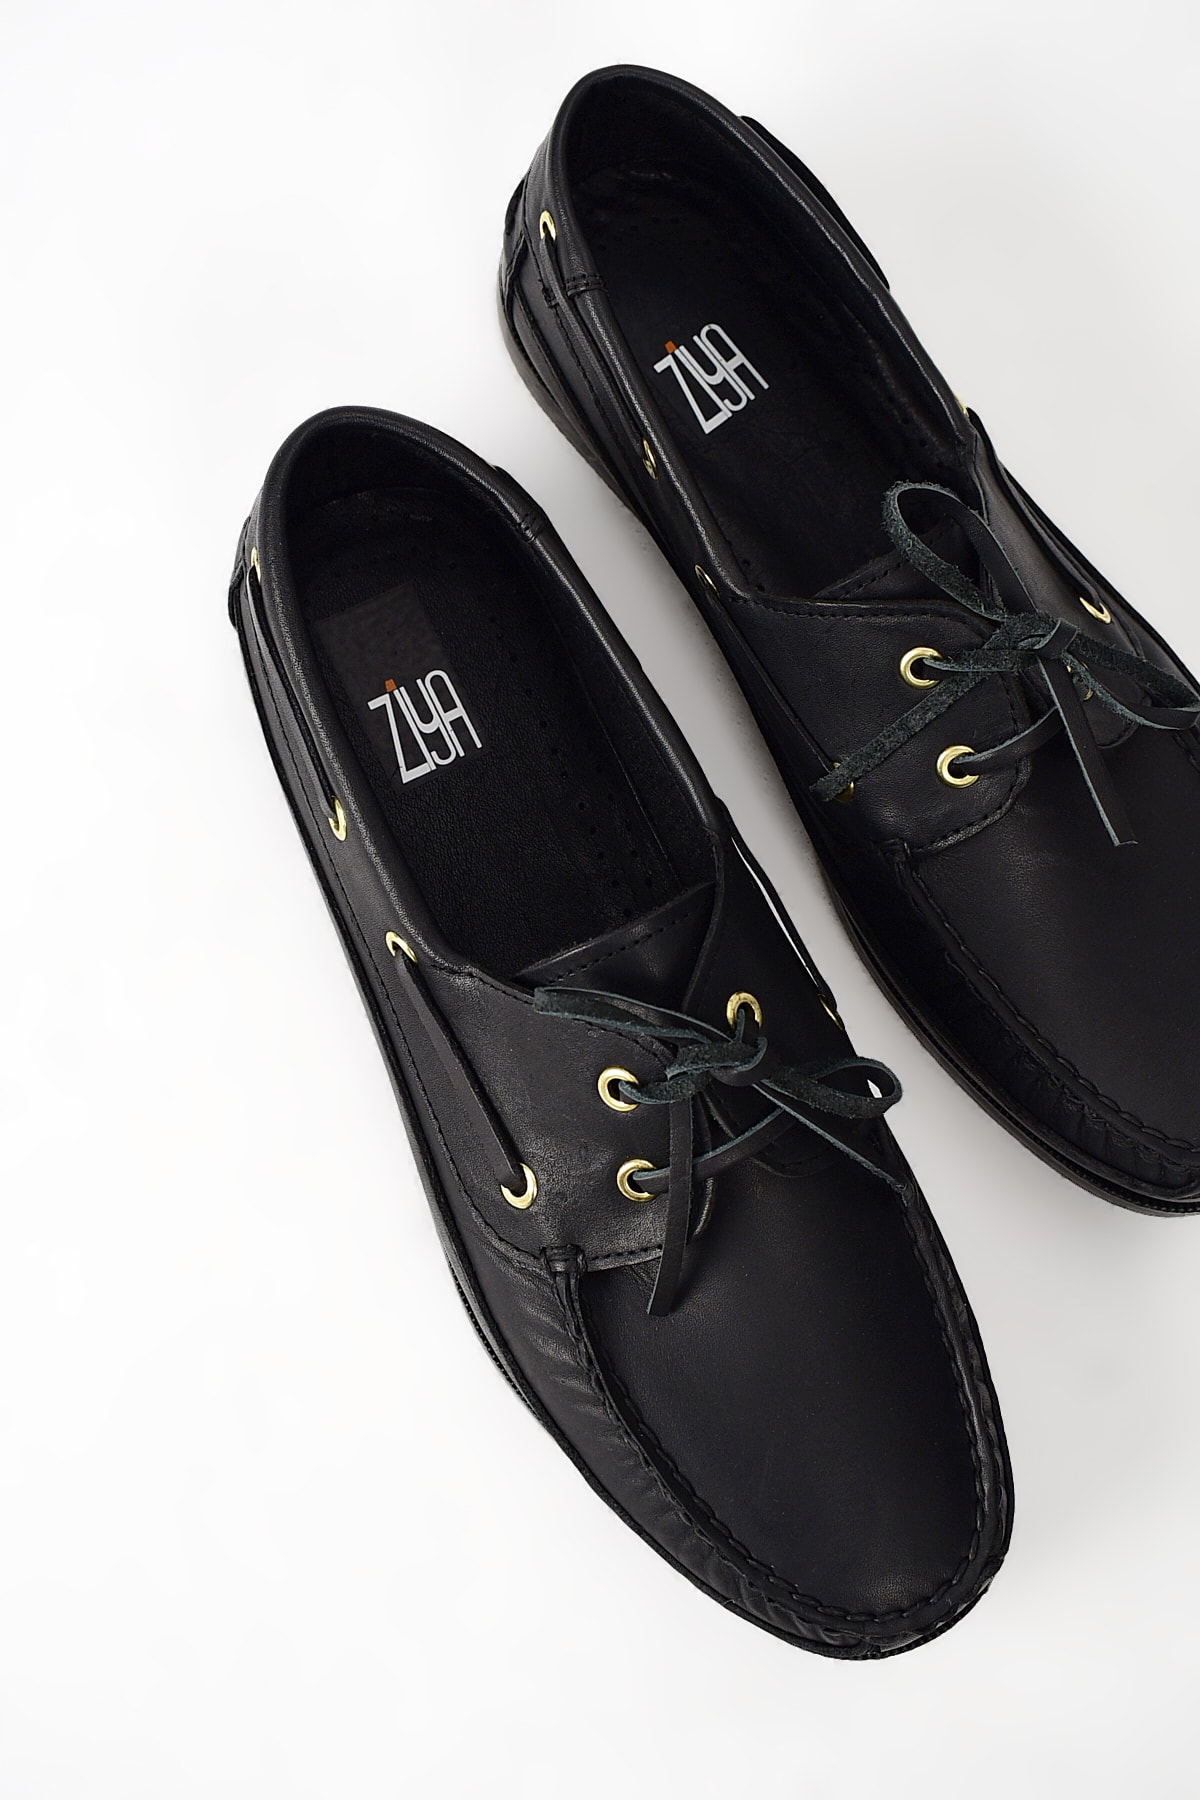 Ziya Hakiki Deri Siyah Erkek Ayakkabı 101119 29 1 4